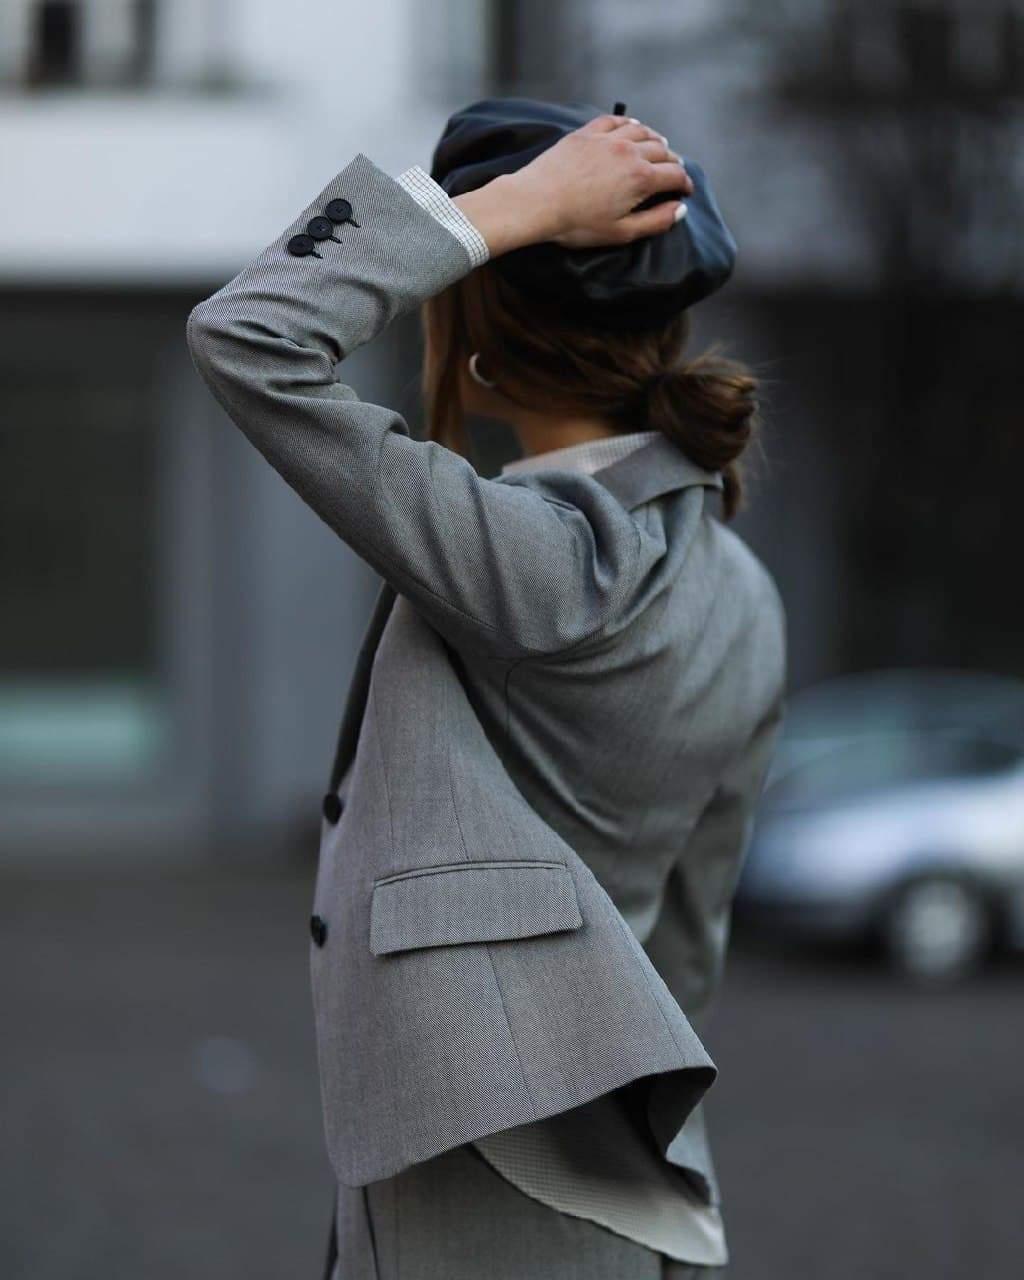 Ніколь Потуральські демонструє штанний костюм